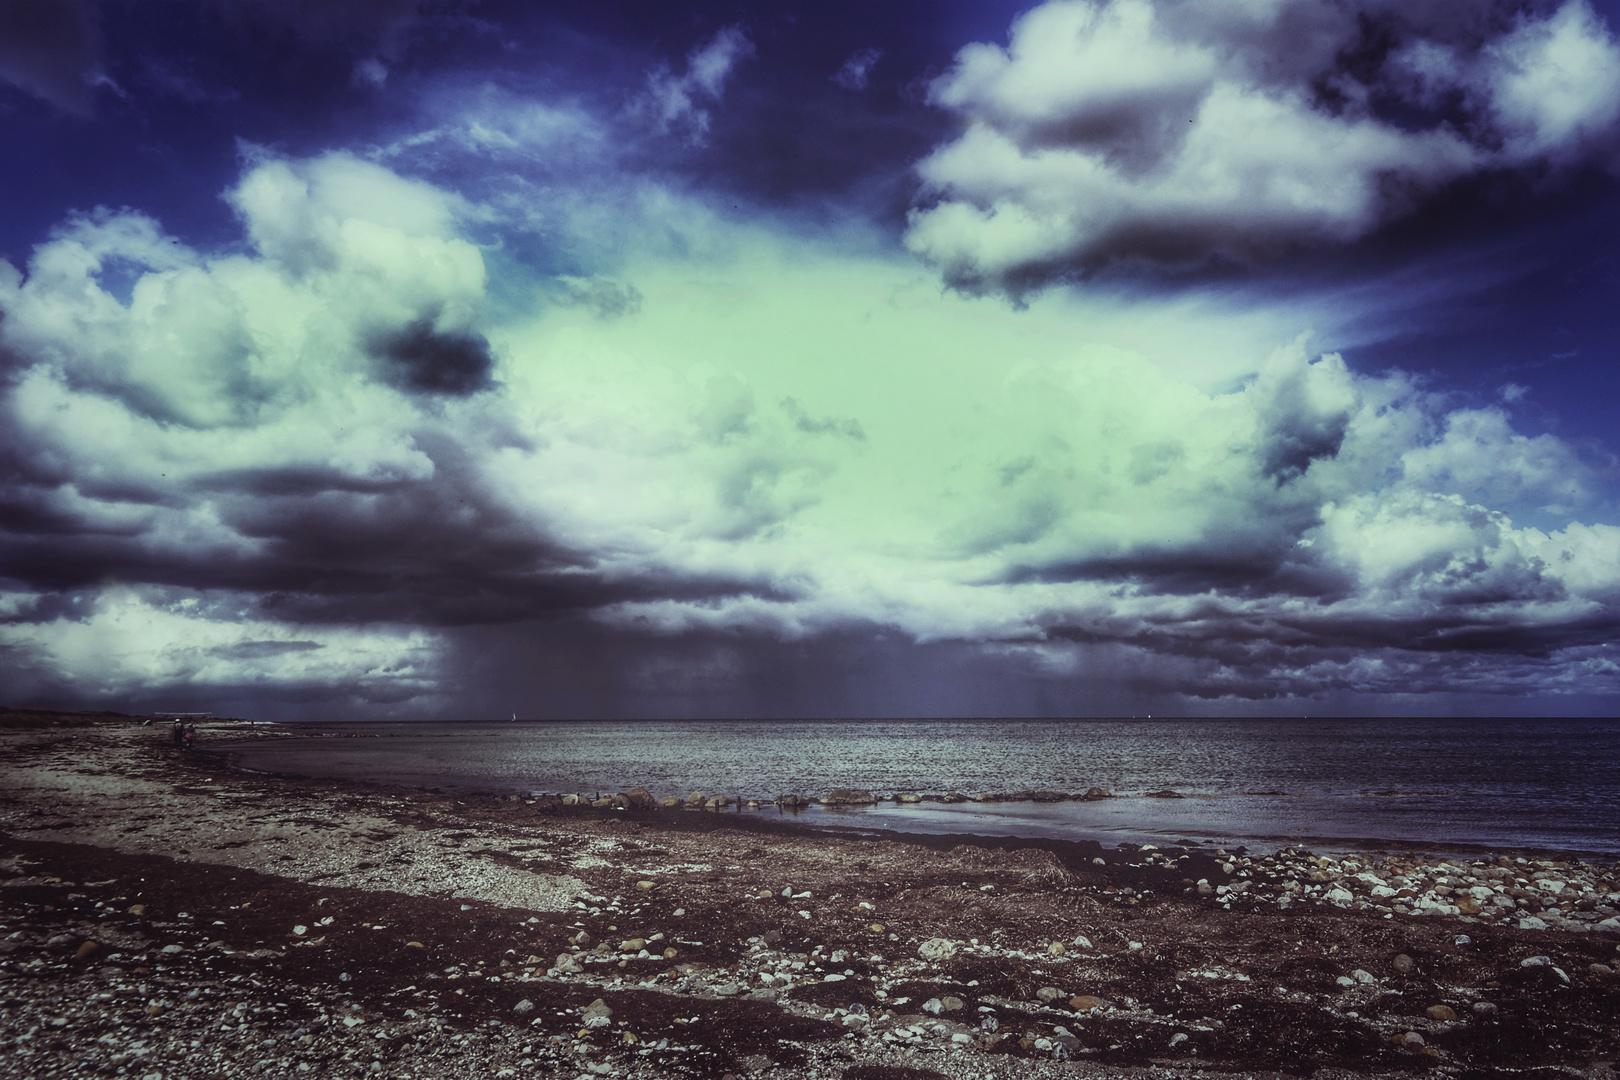 Le temps devient de plus en plus instable ........